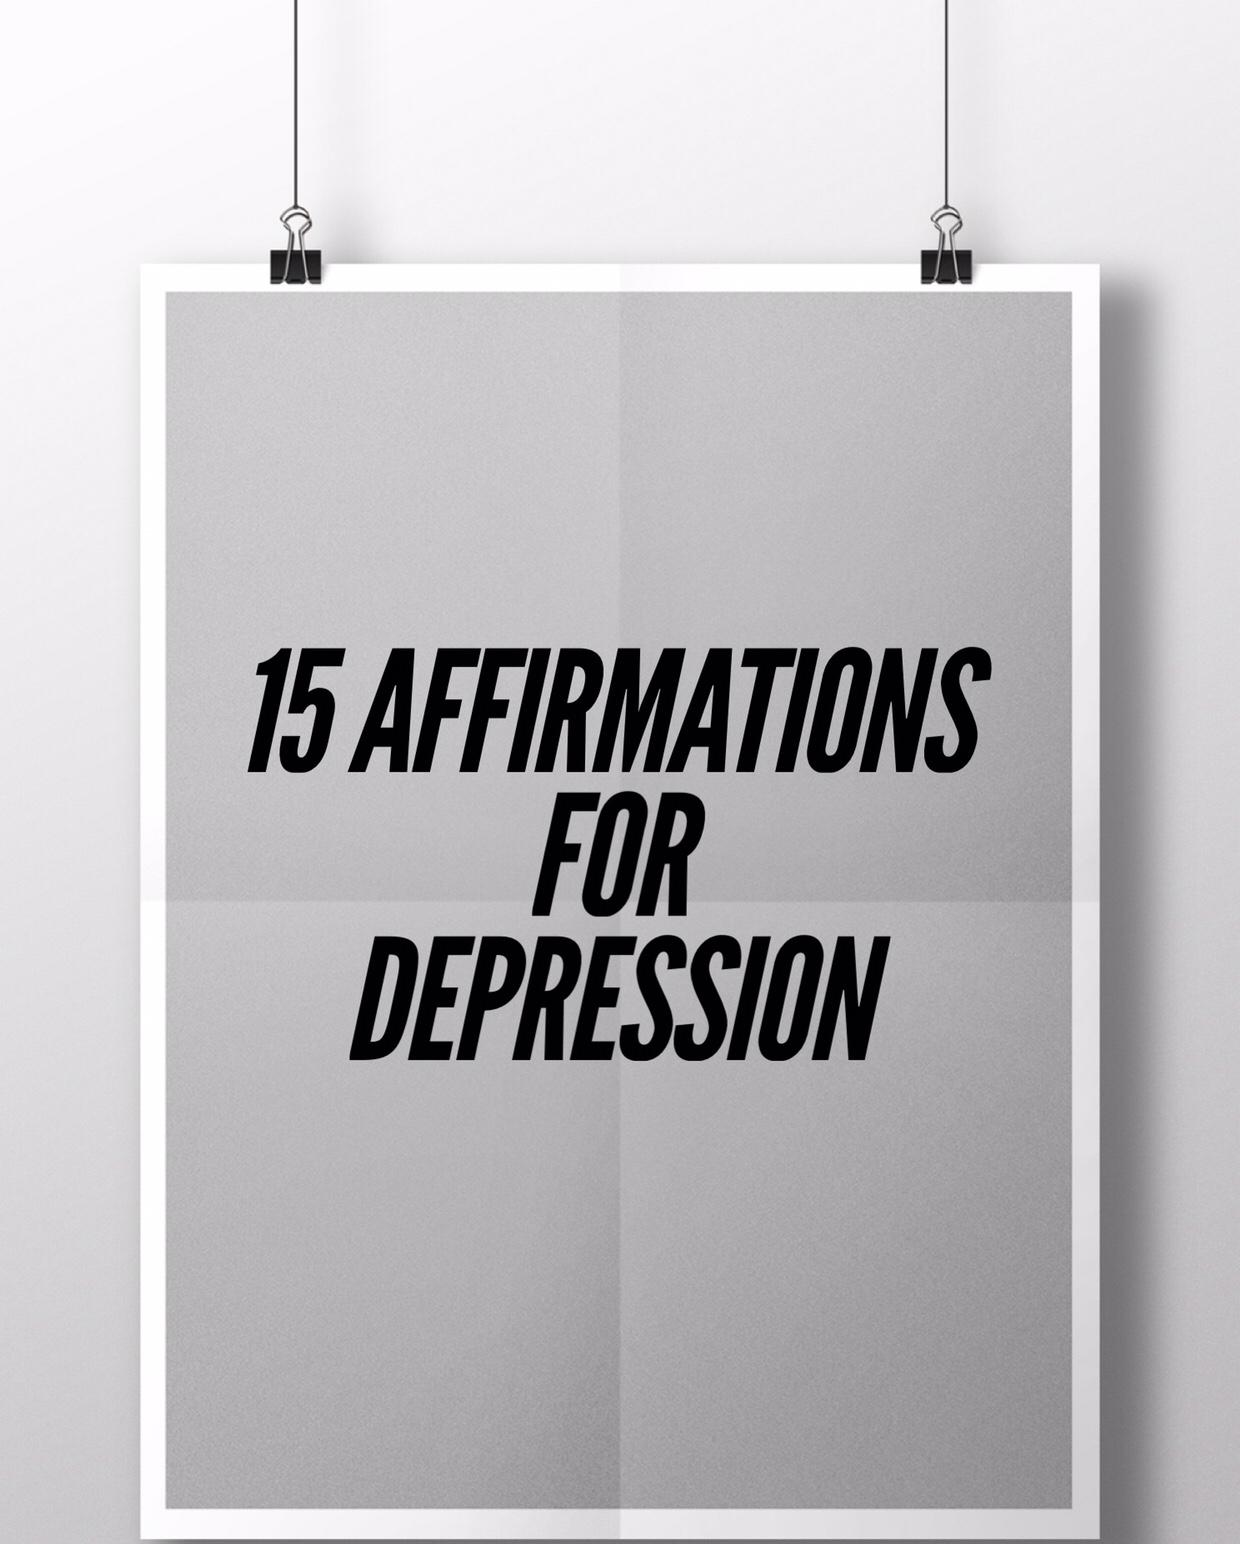 15 Affirmations for Depression